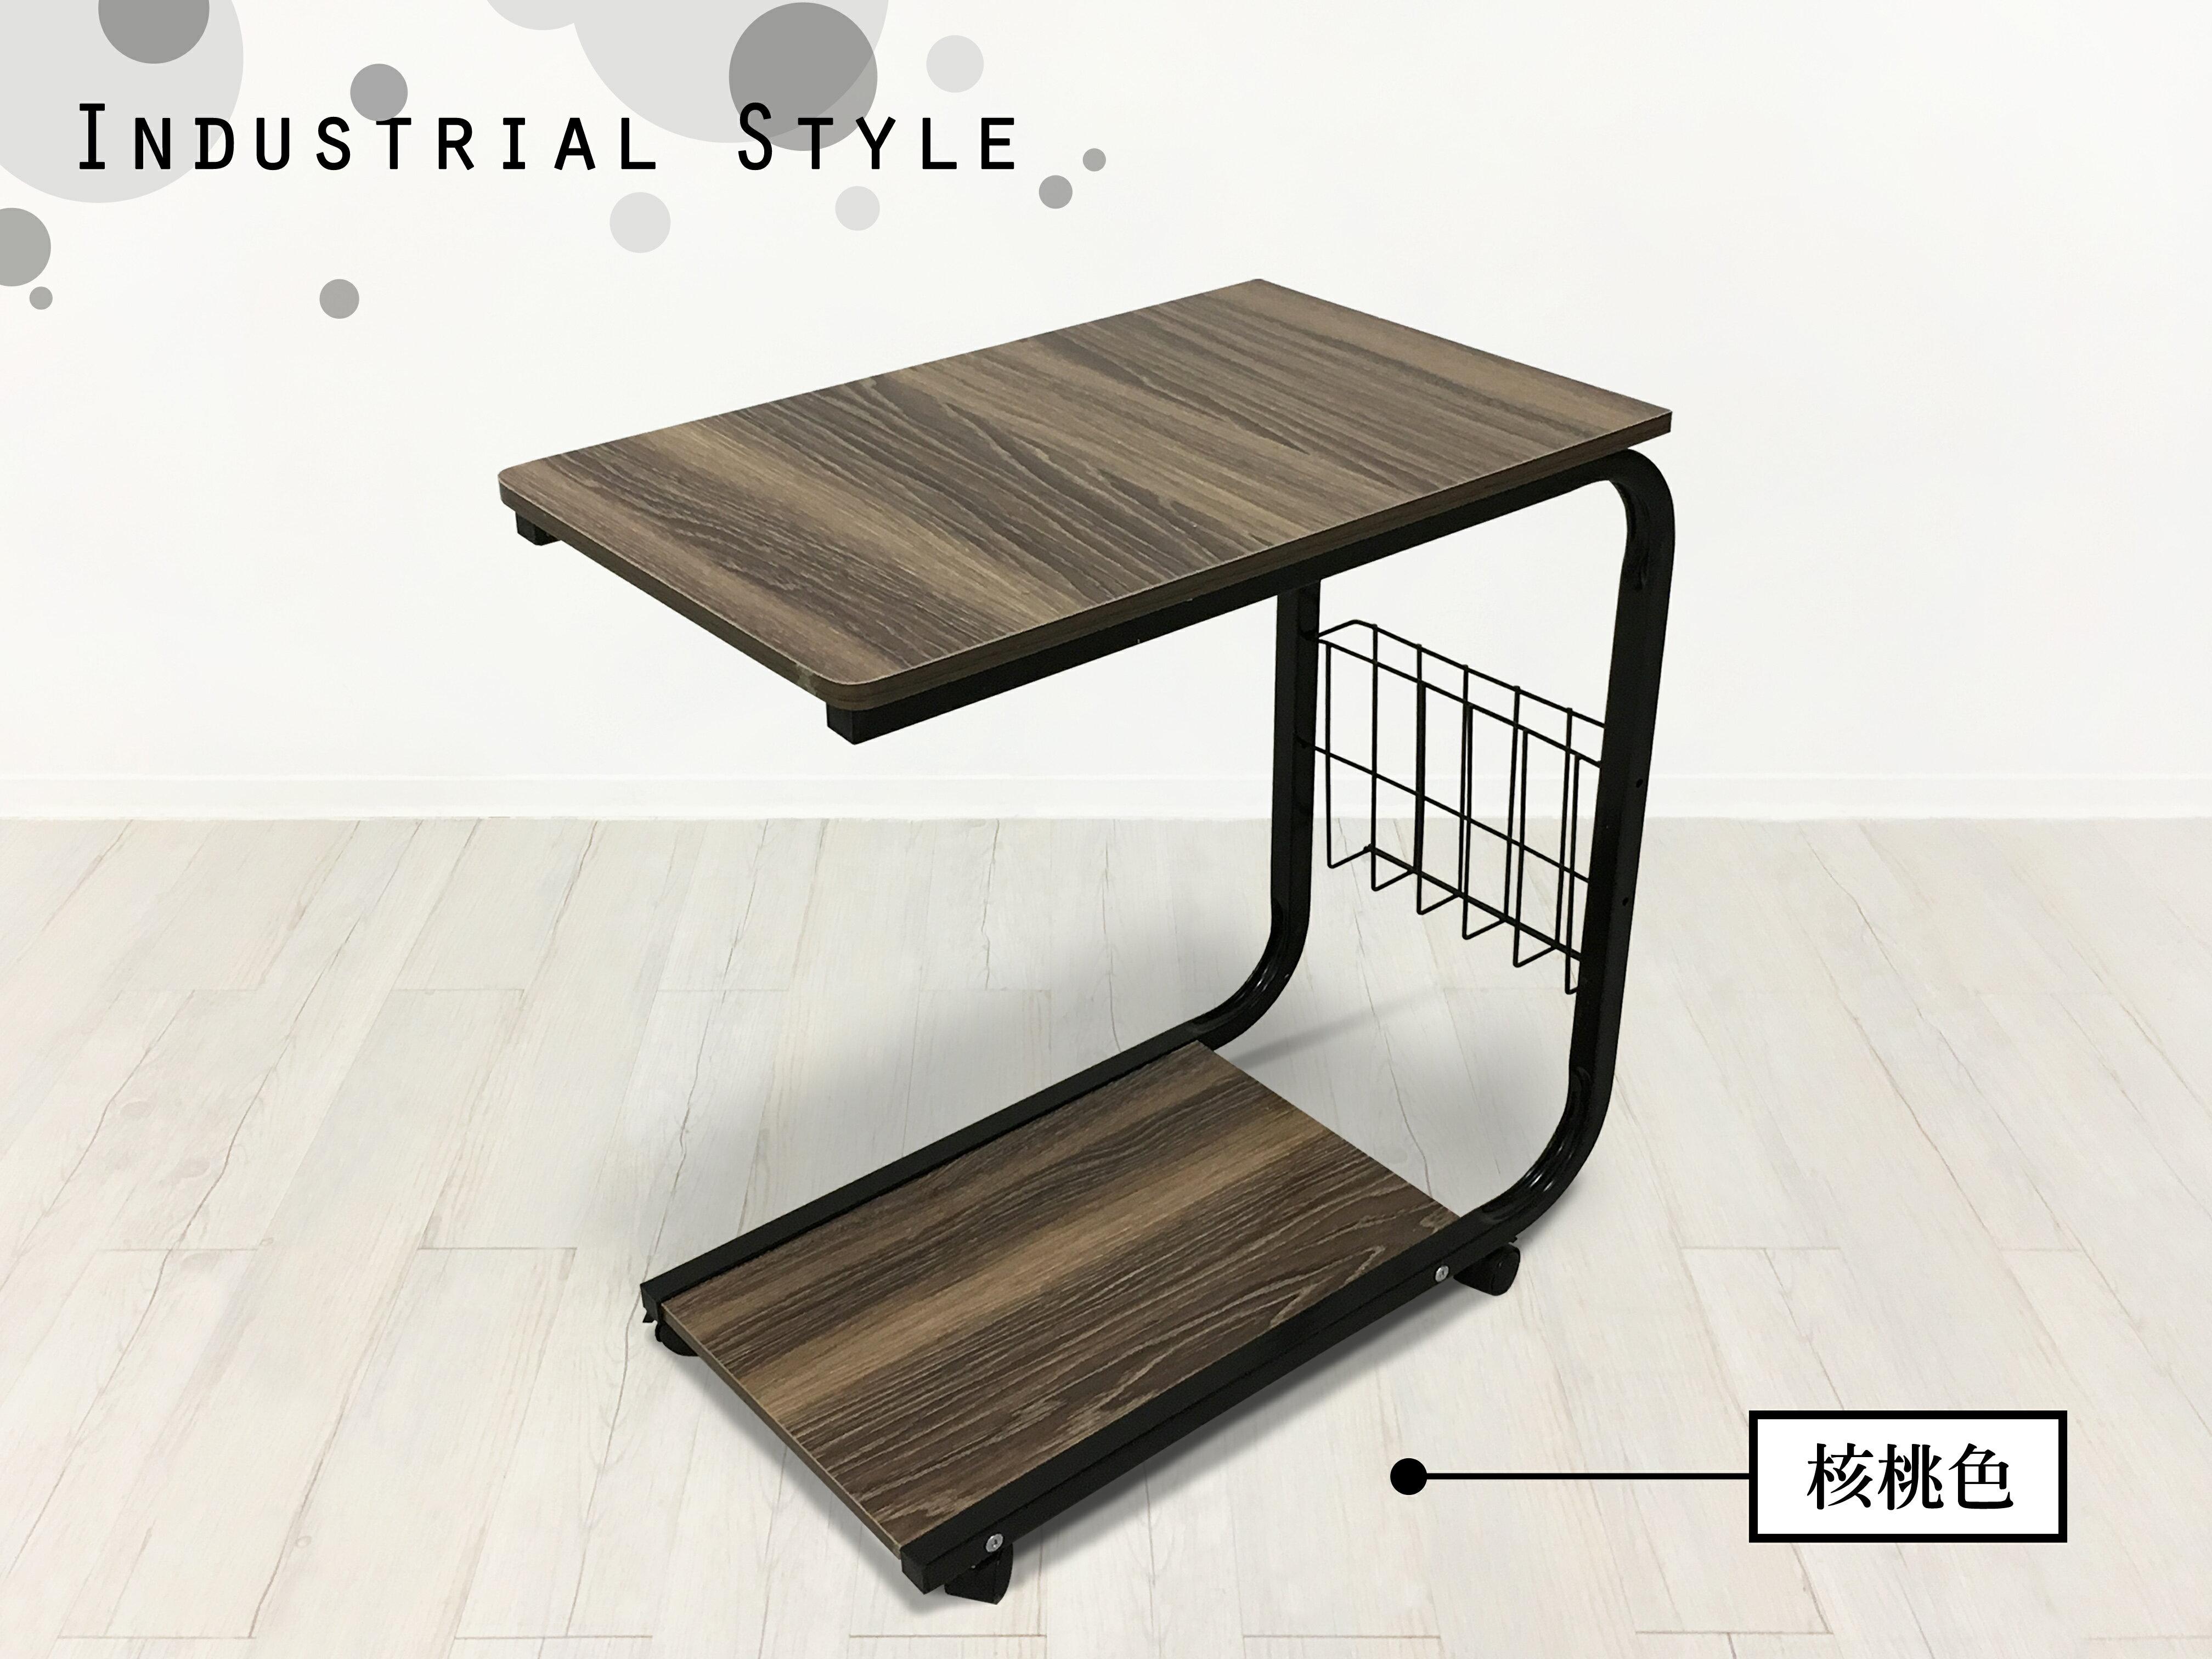 !新生活家具!《卡特》核桃色 DIY 茶几 邊几 小茶几 木紋茶几 鐵腳 滾輪 日式